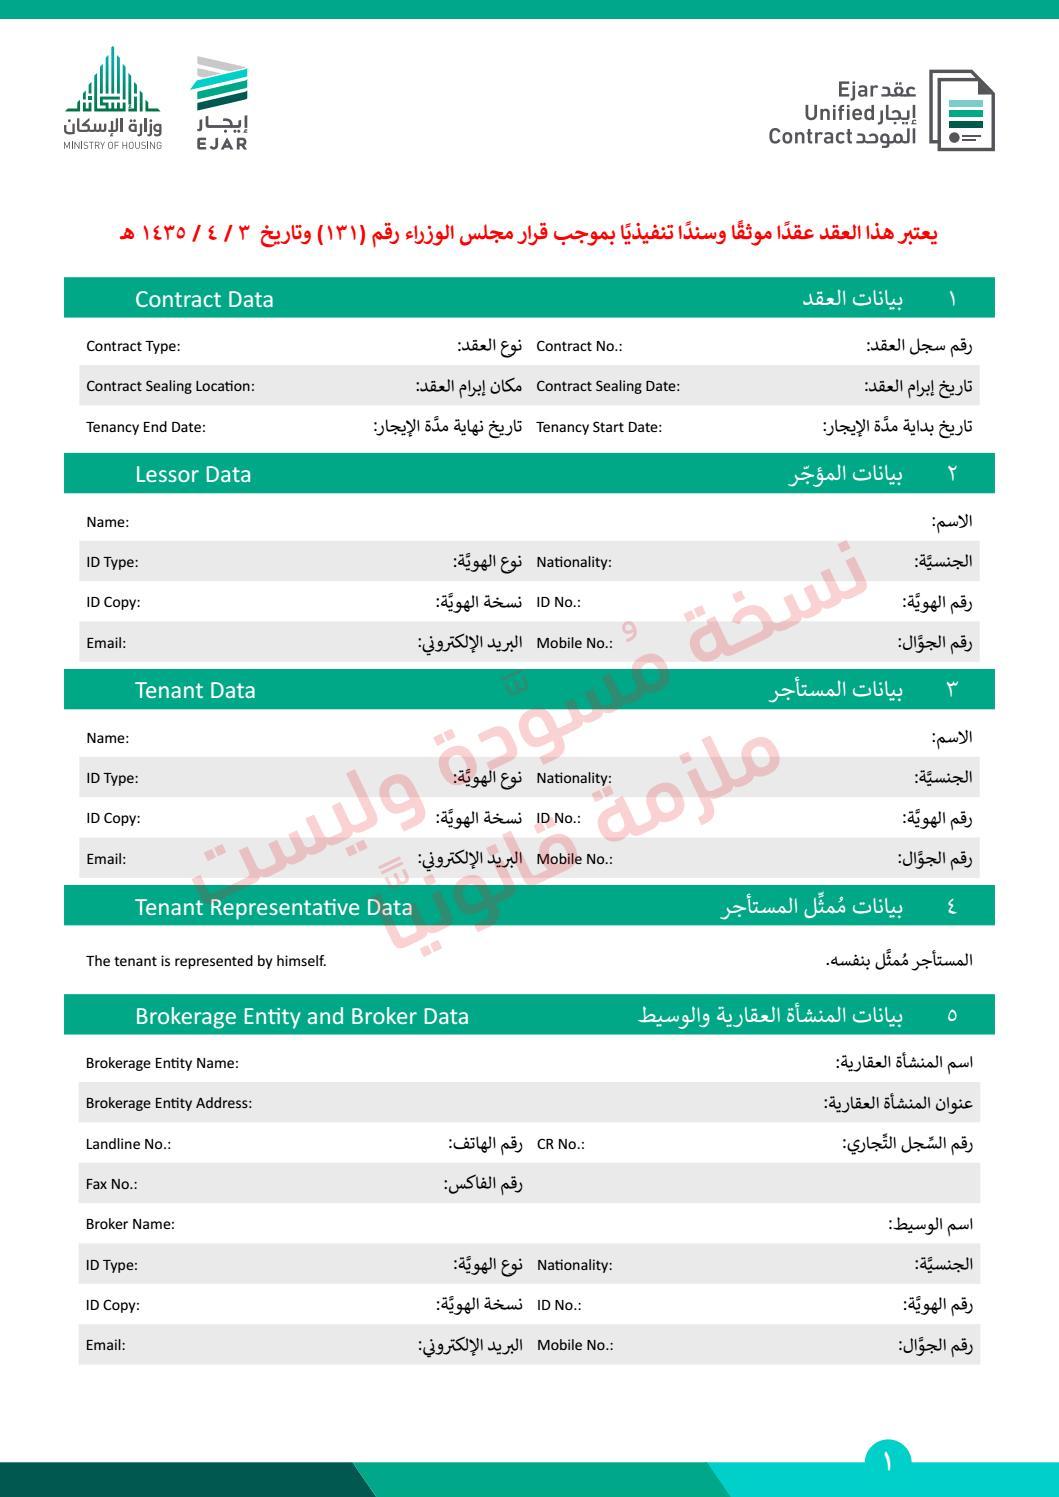 نسخة عقد الايجار الموحد عقد ايجار وزارة الاسكان By Fayez Alfarhan Alanazi Issuu